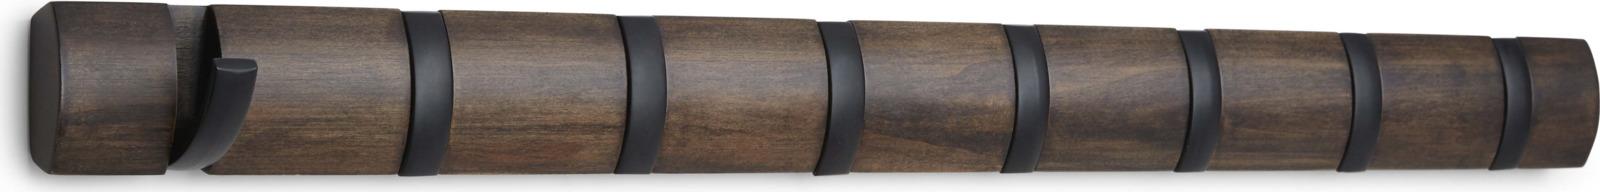 Вешалка настенная Umbra Flip, горизонтальная, цвет: коричневый, 6,7 х 81,3 х 3,2 см (3141)